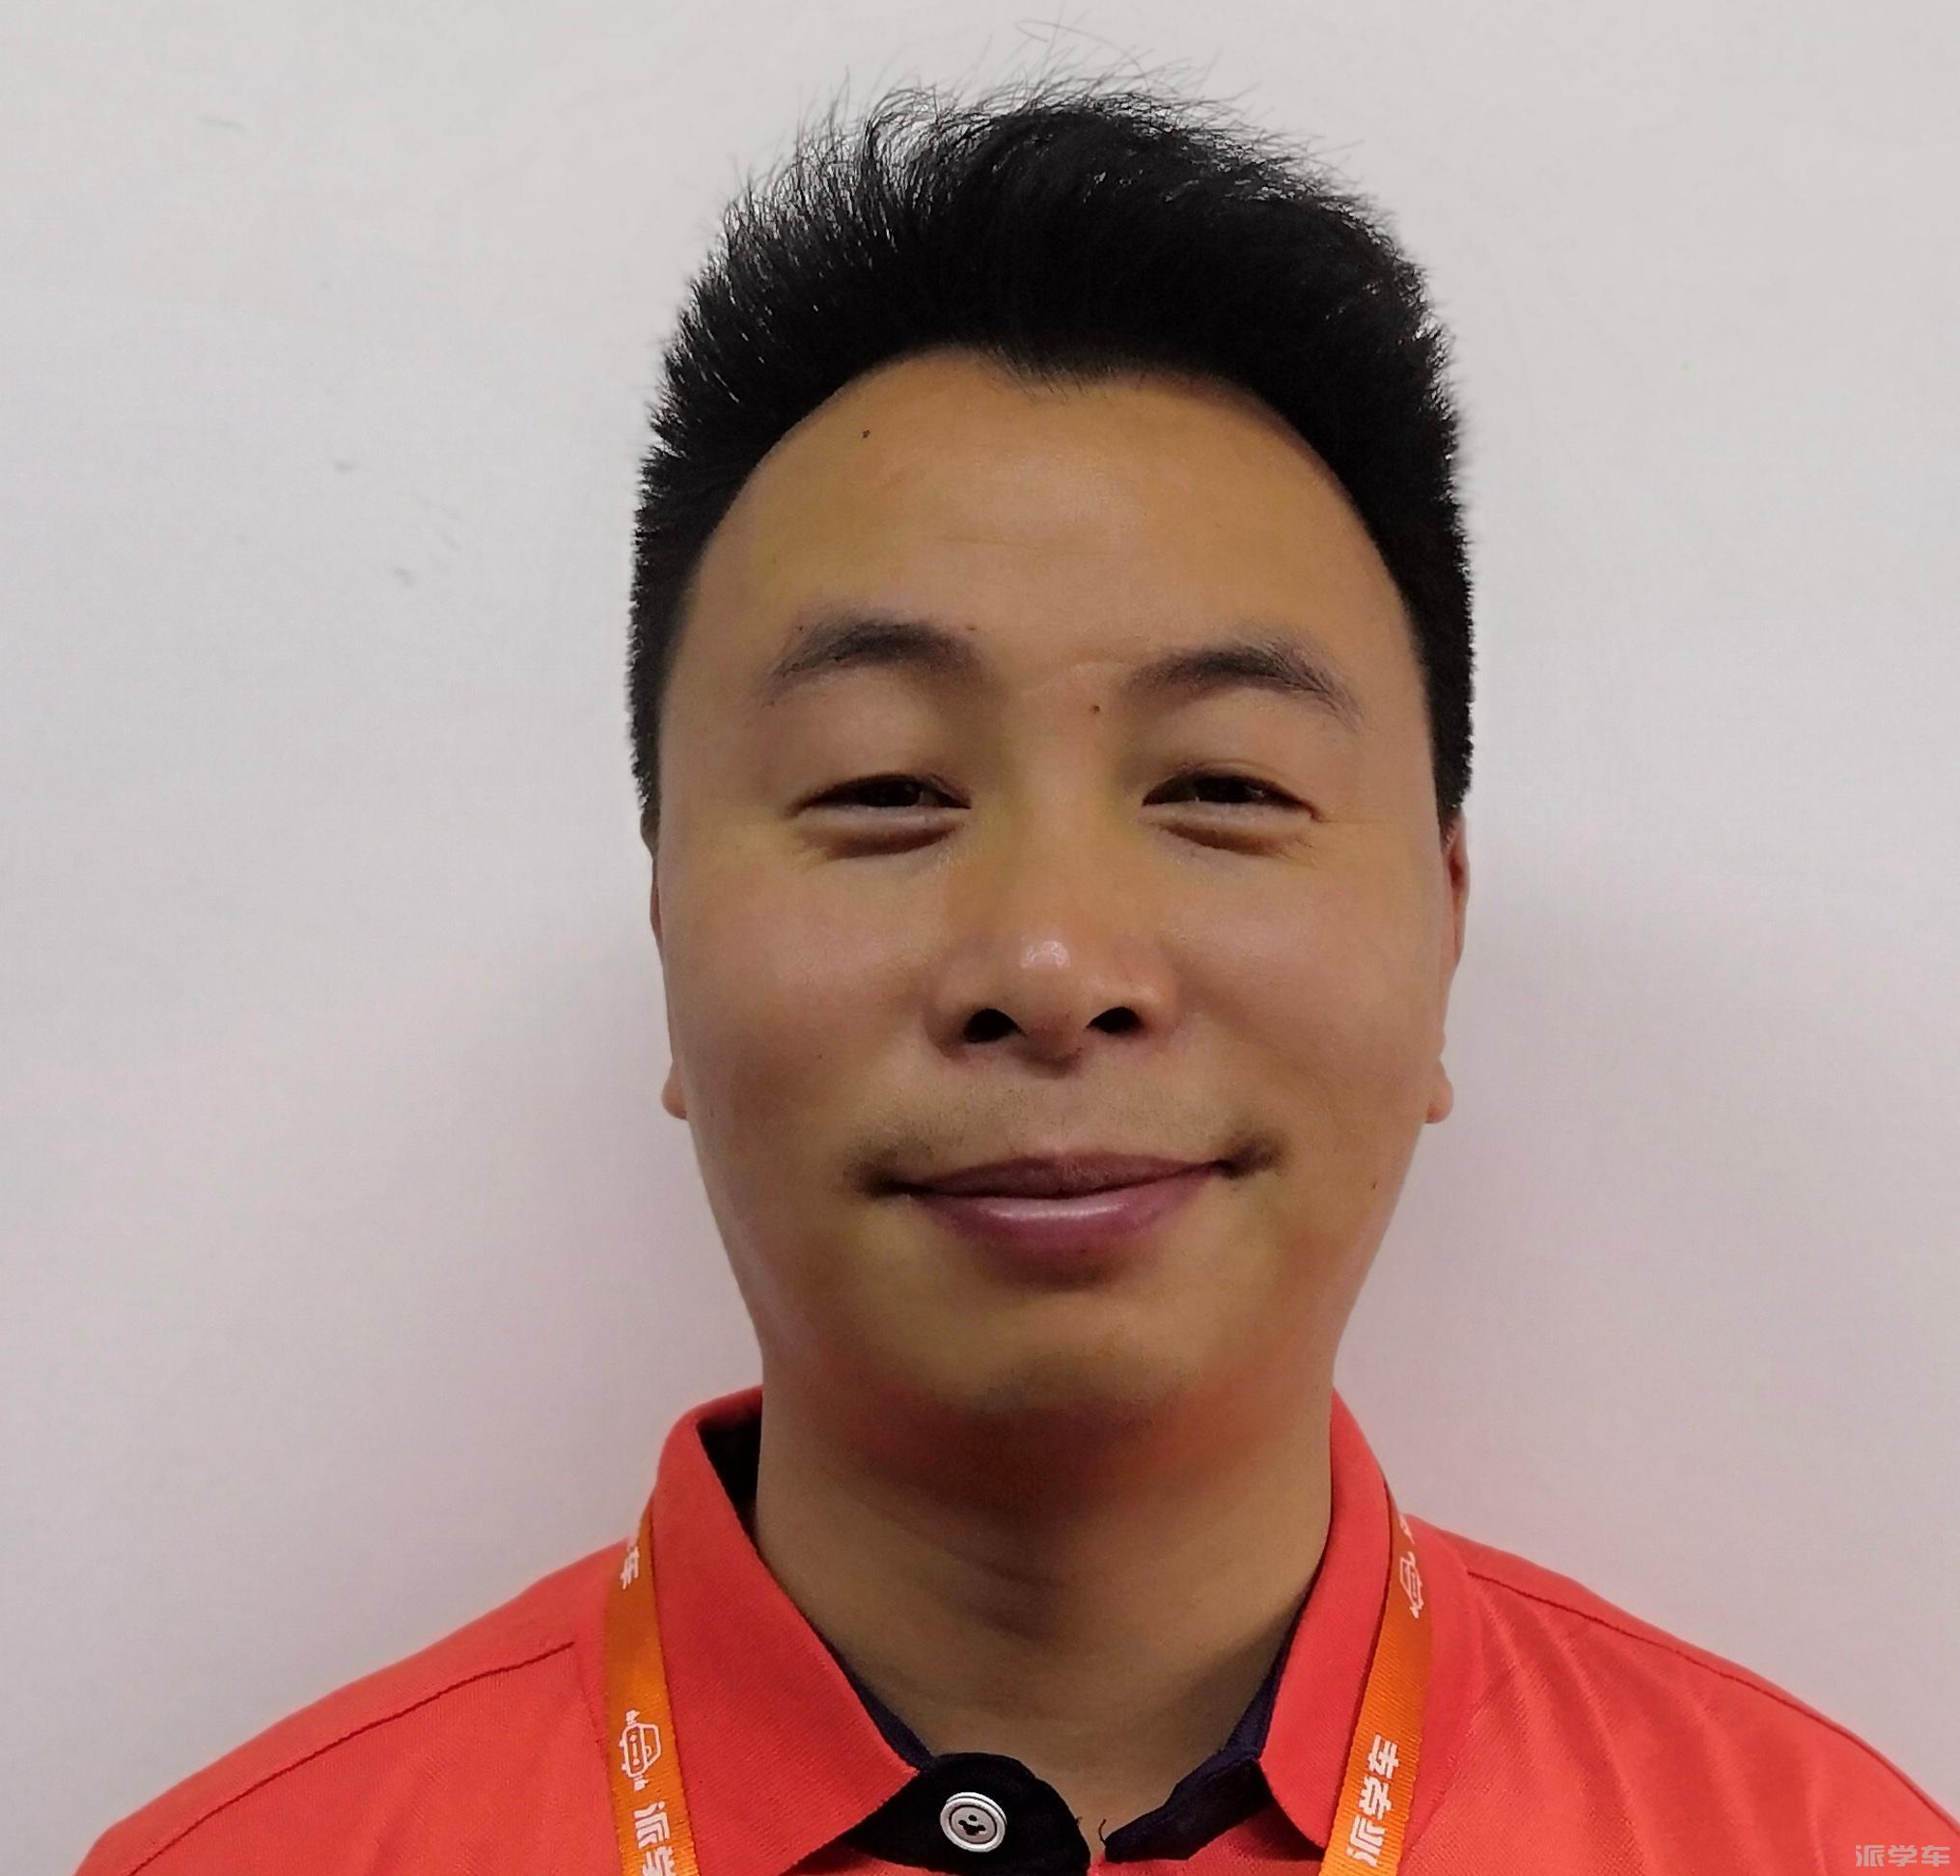 教练吴萍-青羊